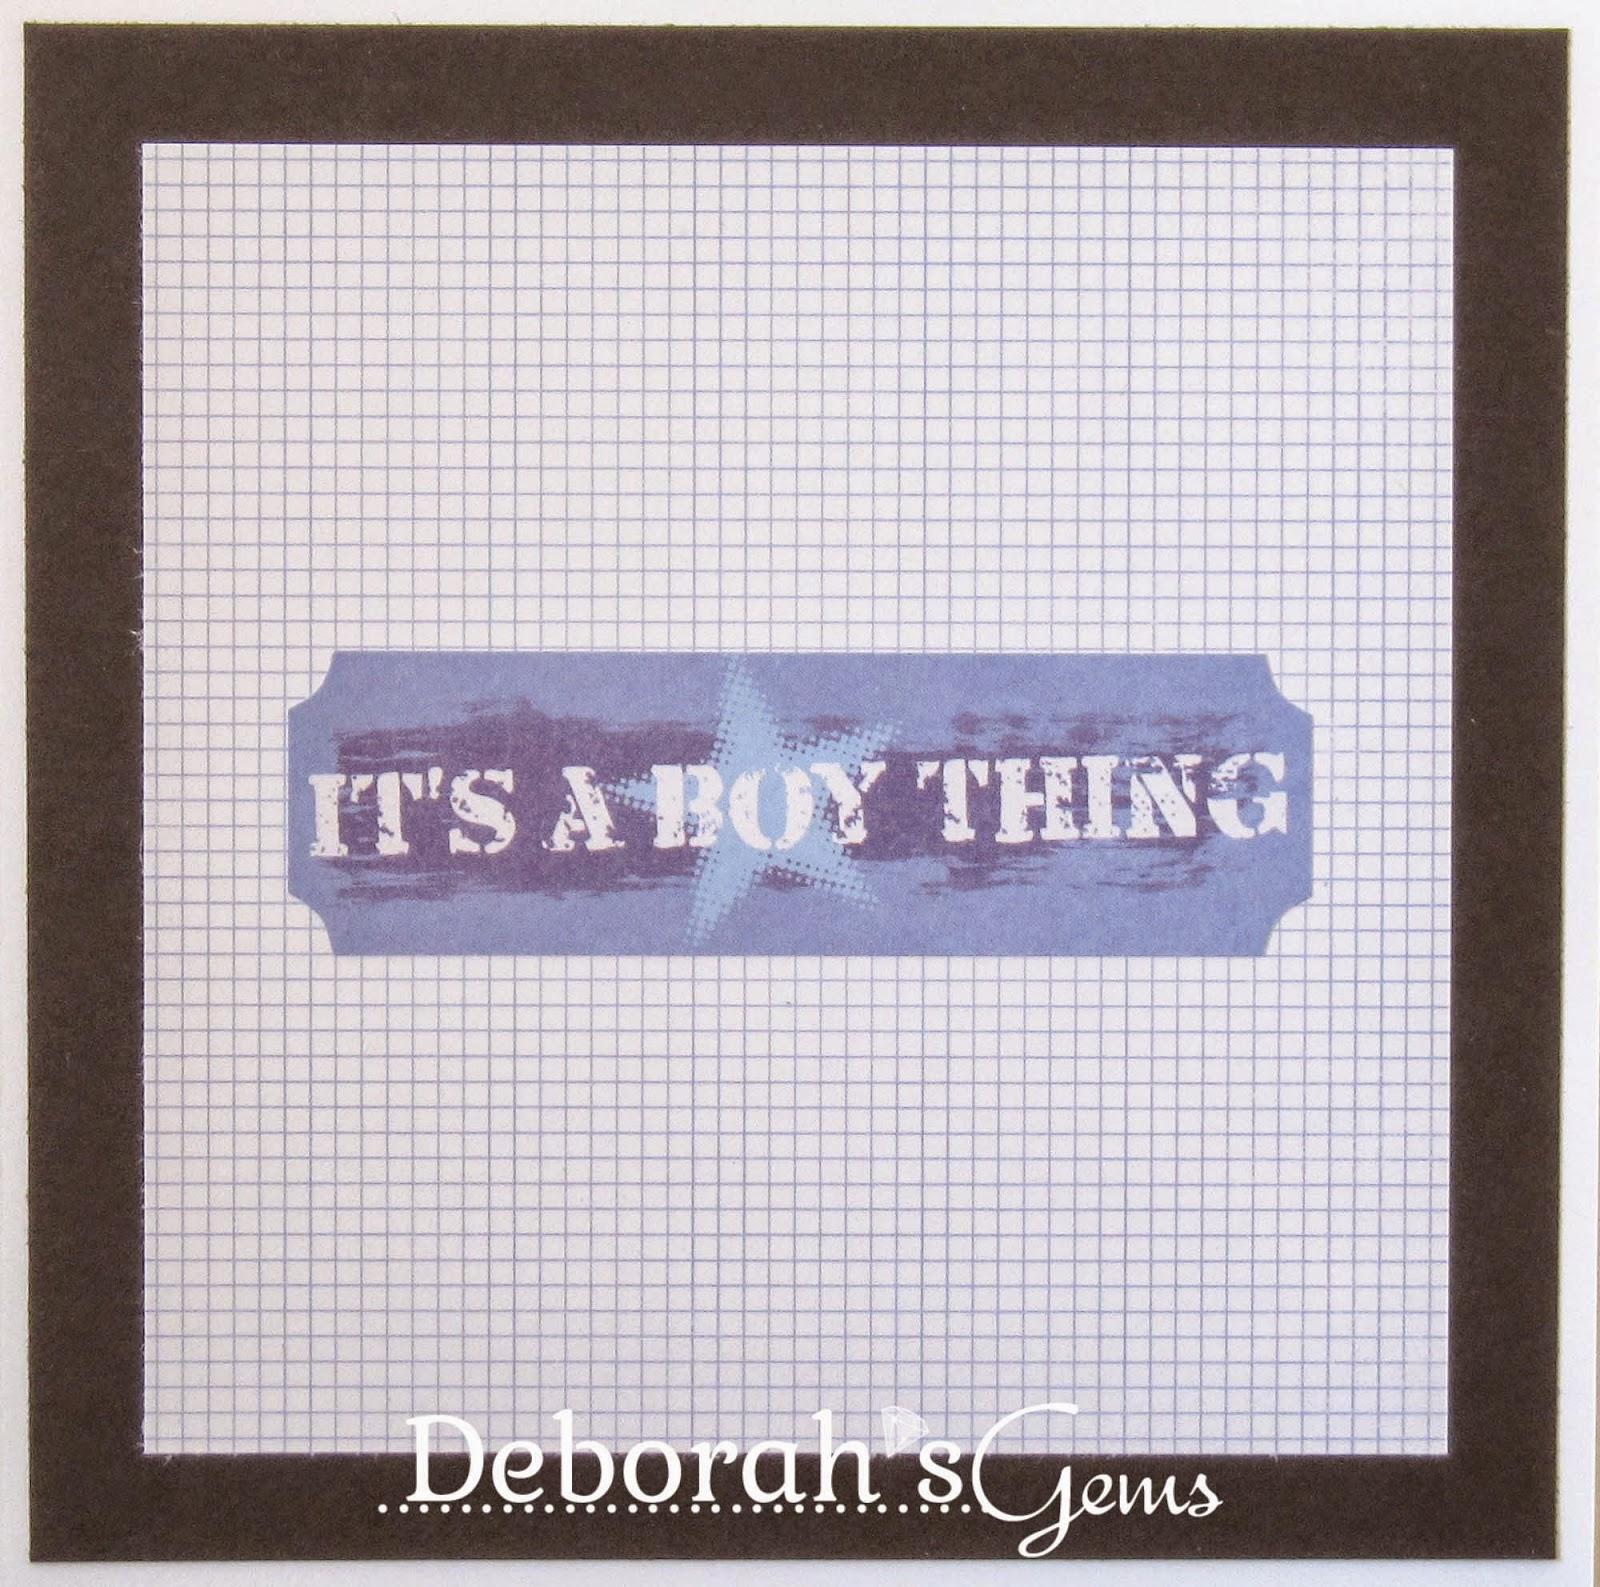 Birthday Blues inside - photo by Deborah Frings - Deborah's Gems